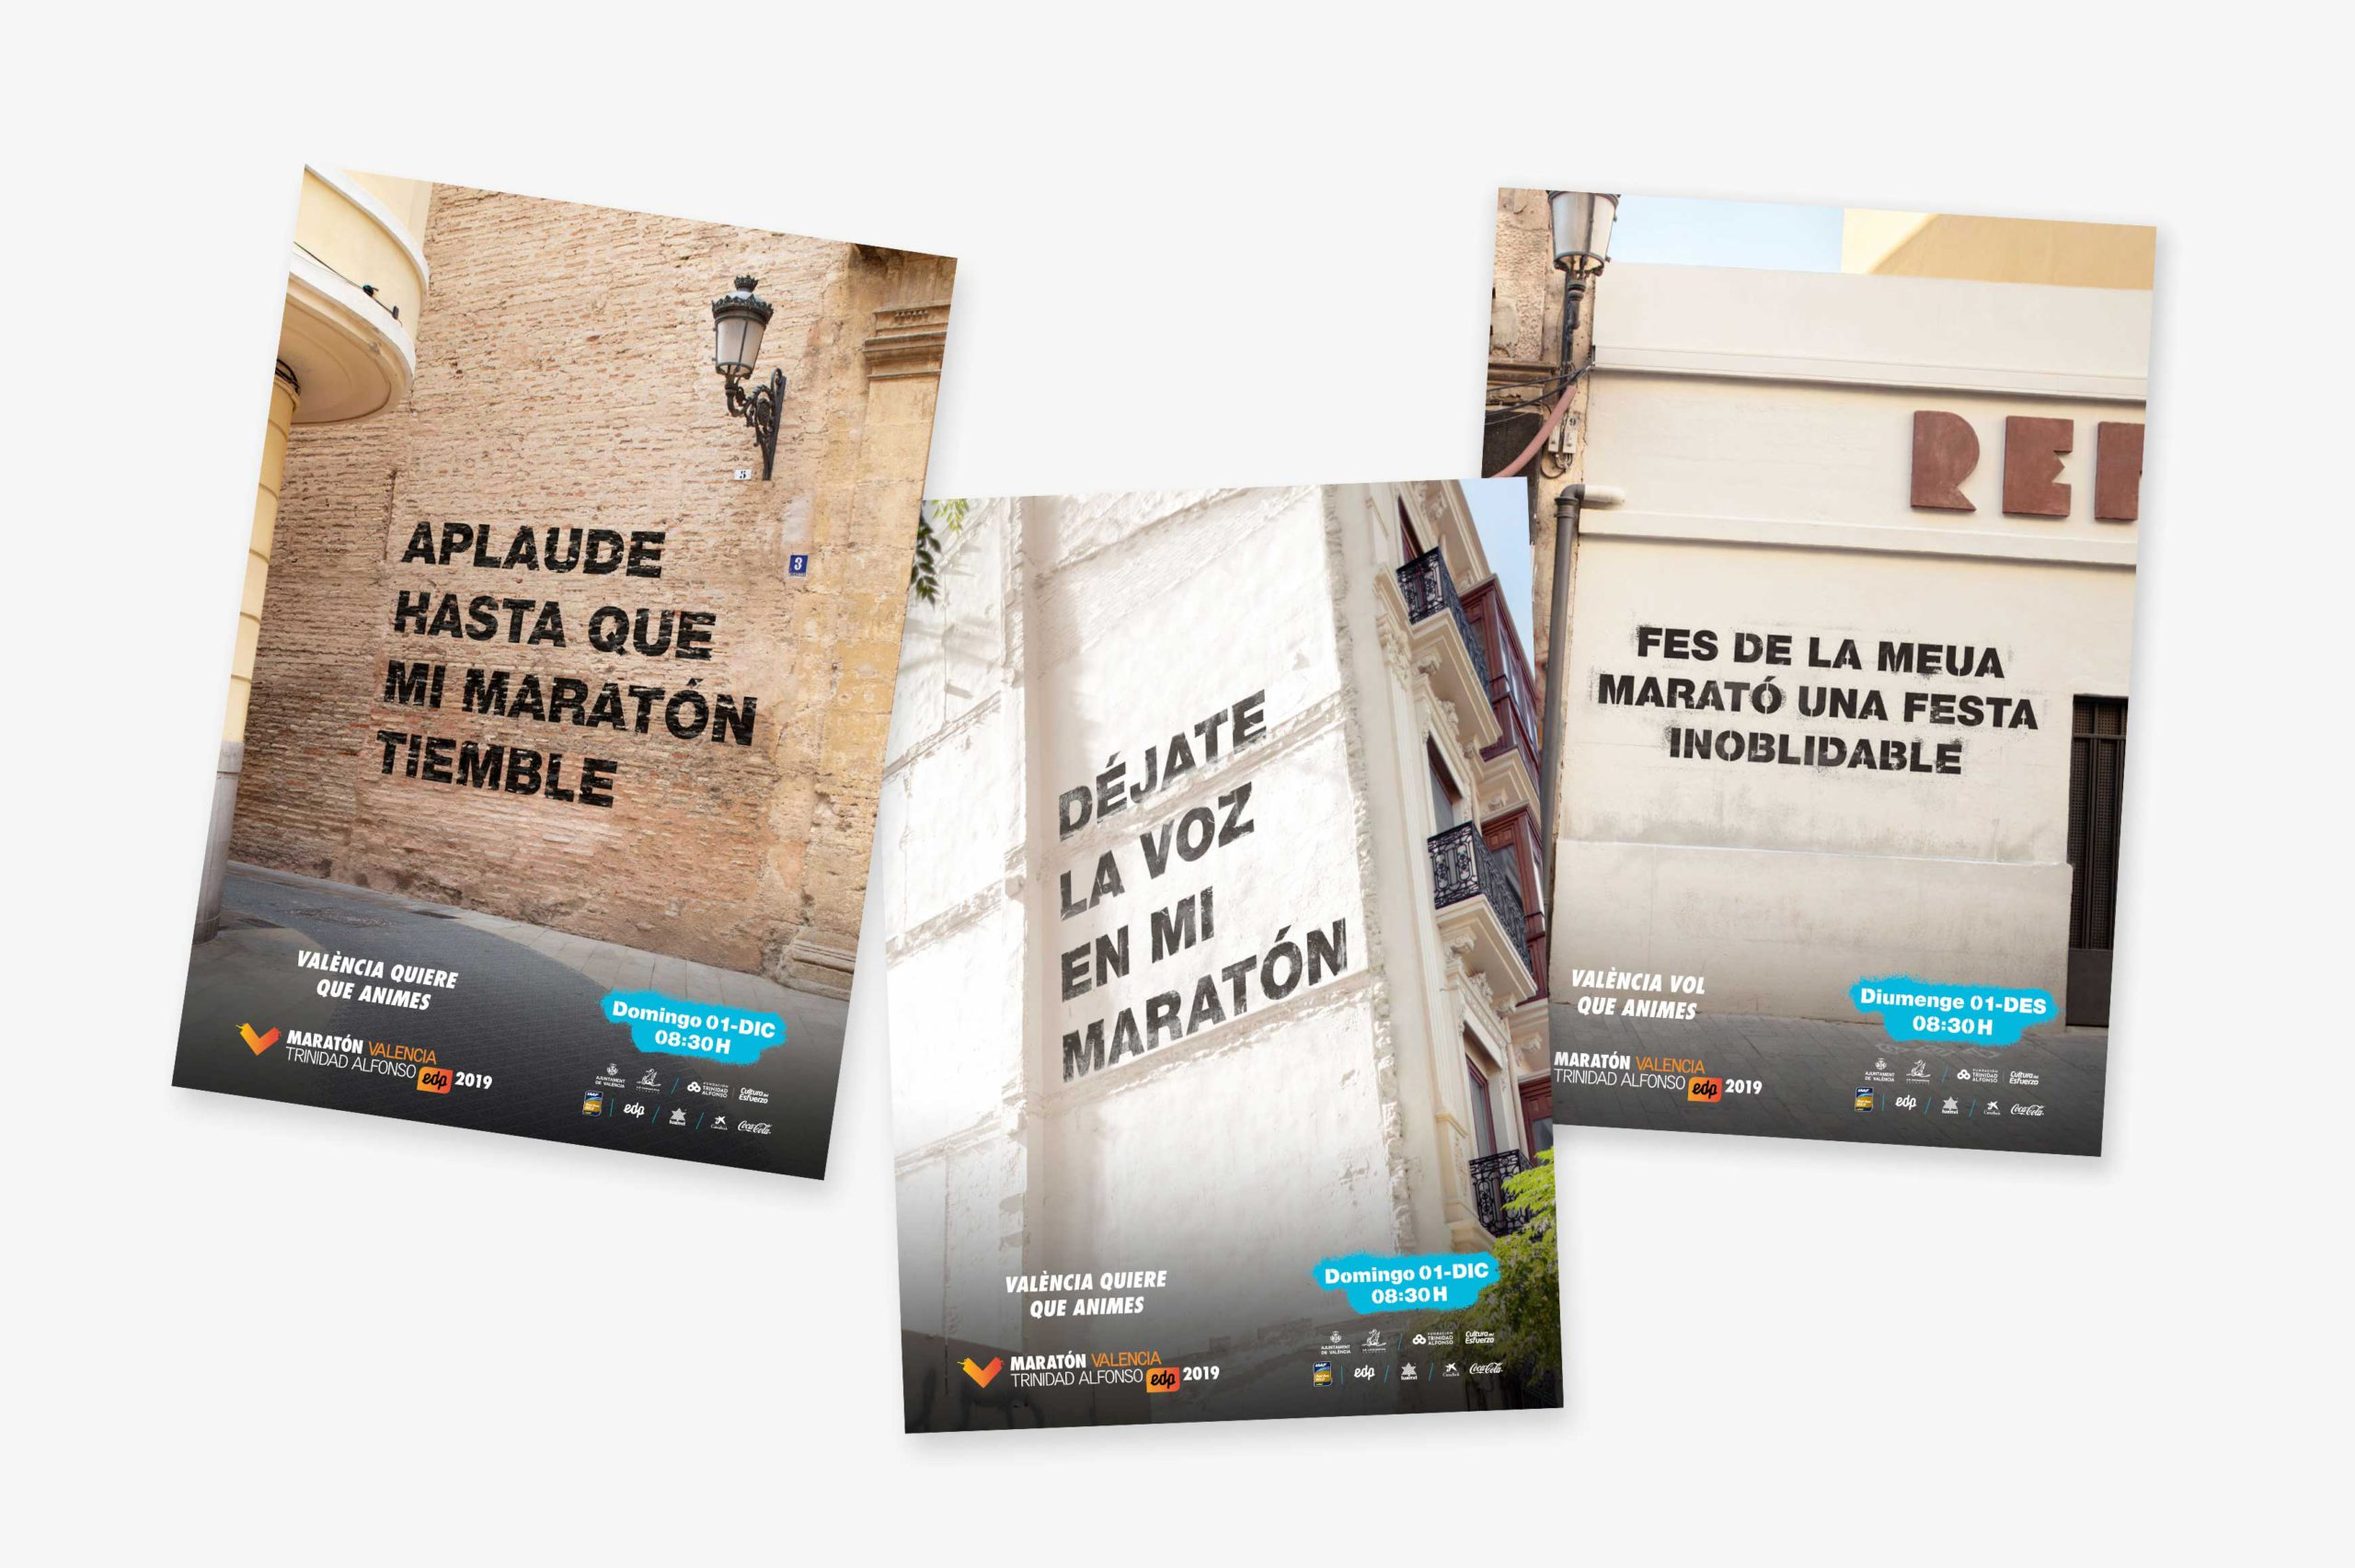 Campaña concienciacion